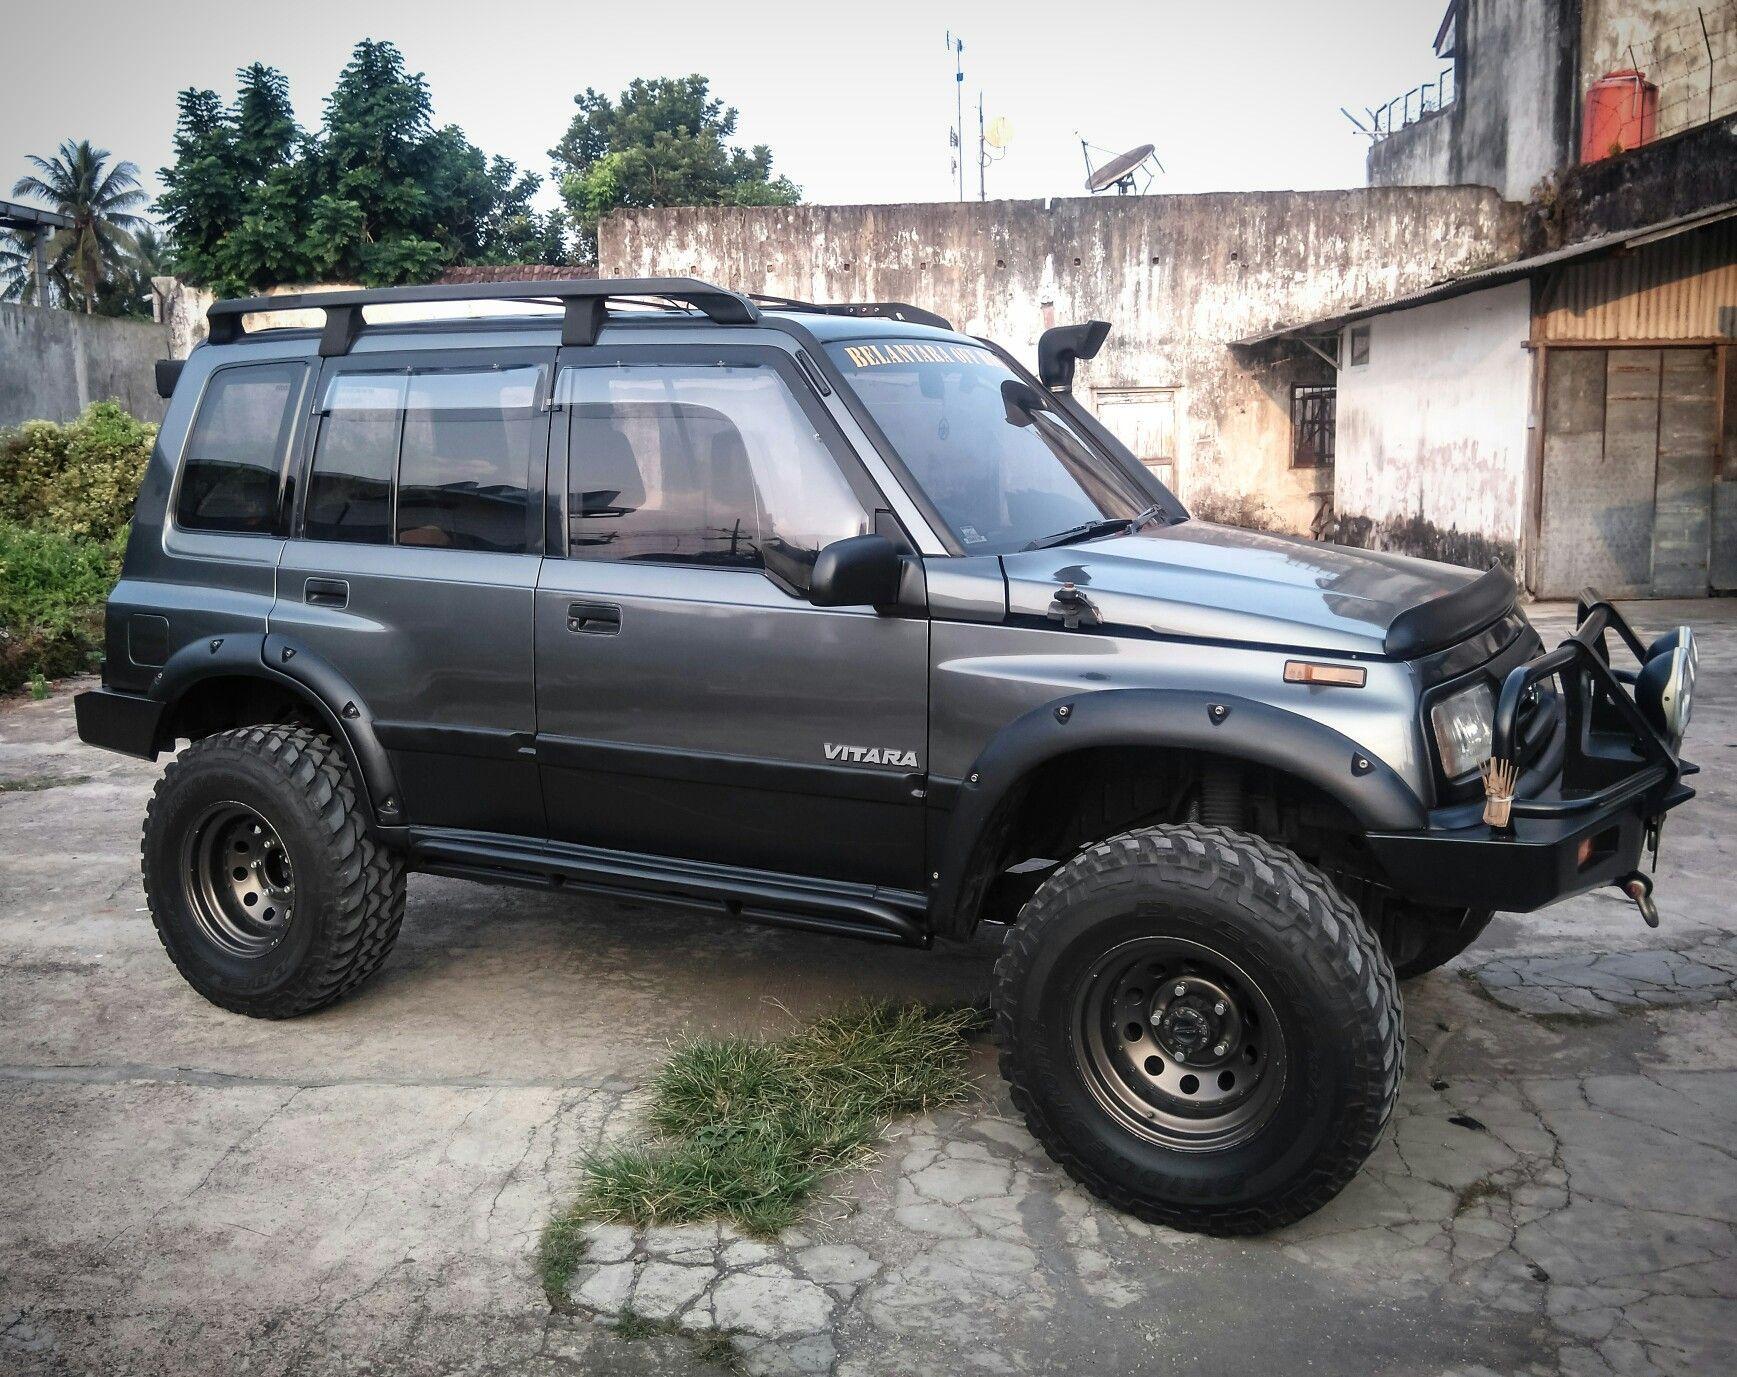 Pin By Alexander Durchov On Jeep Suzuki Vitara 4x4 Suzuki